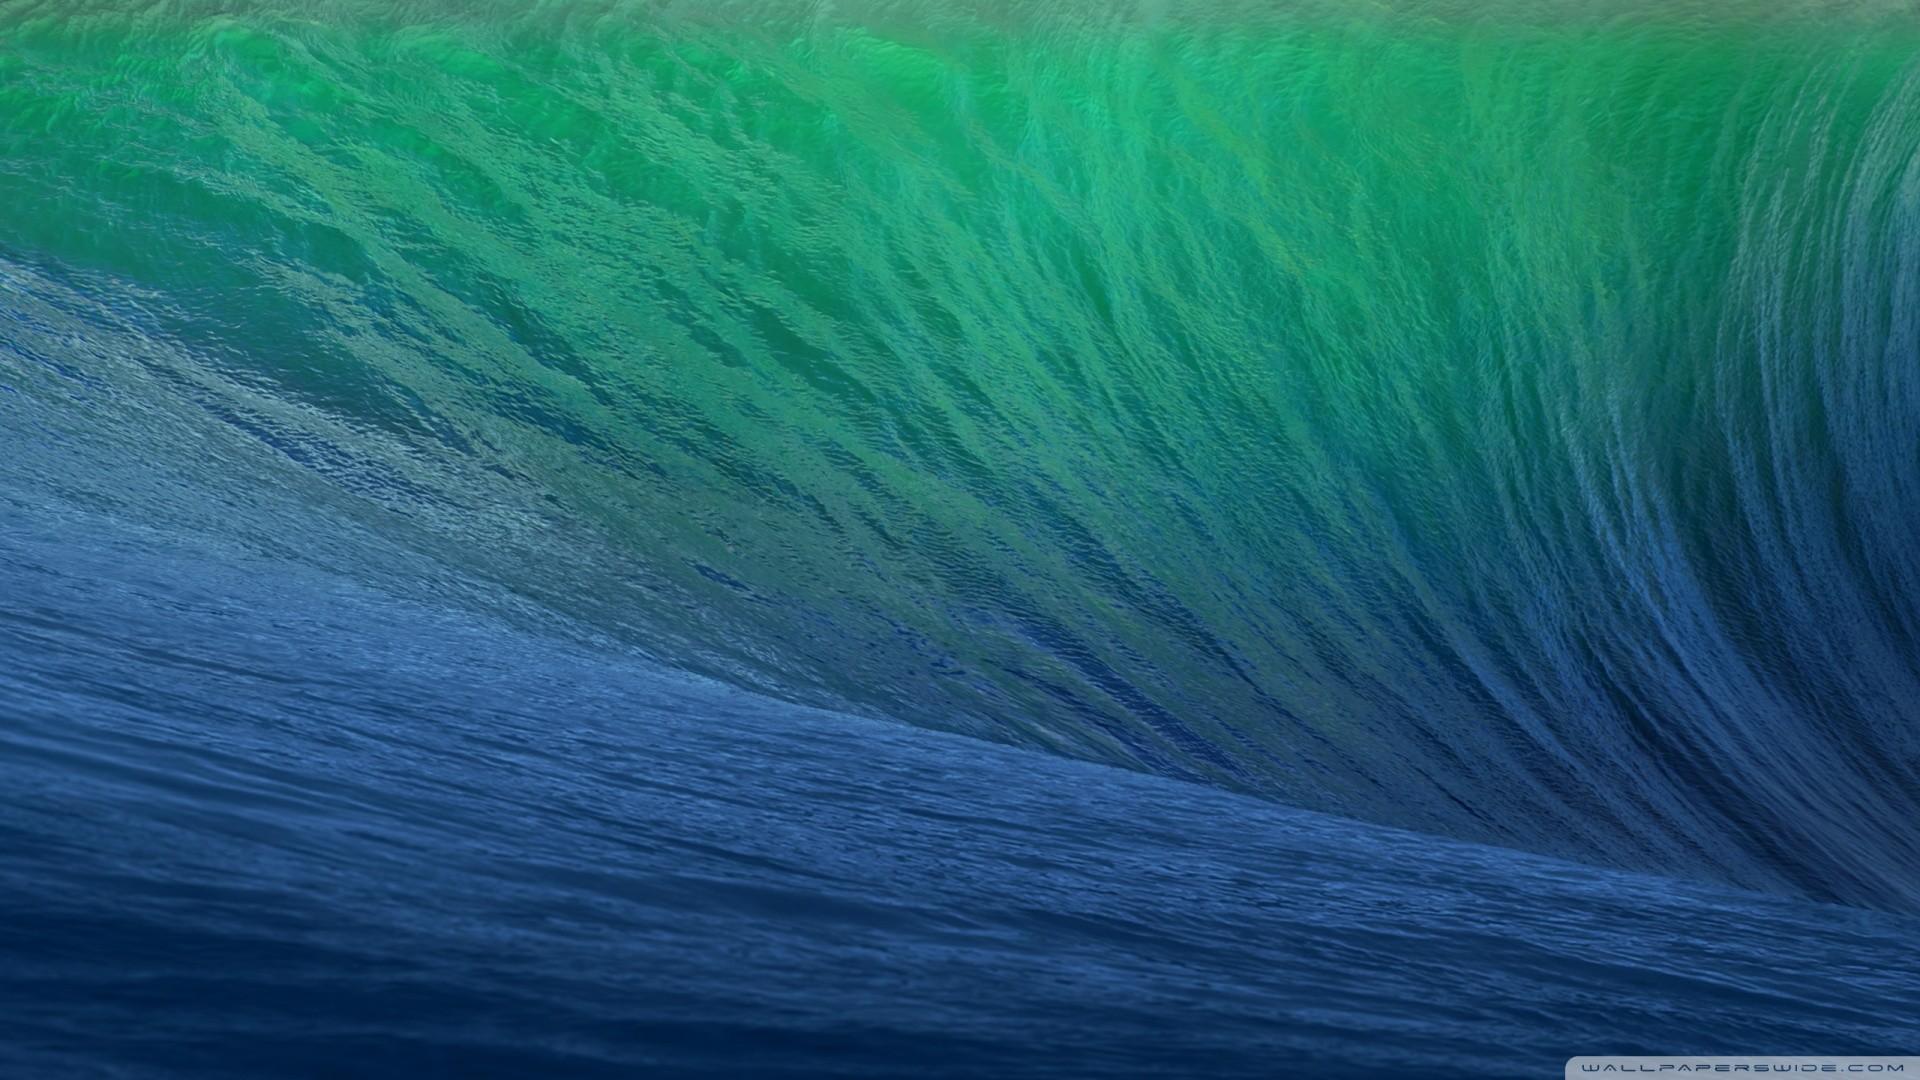 Mac Os X Wallpaper Hd 66 Images